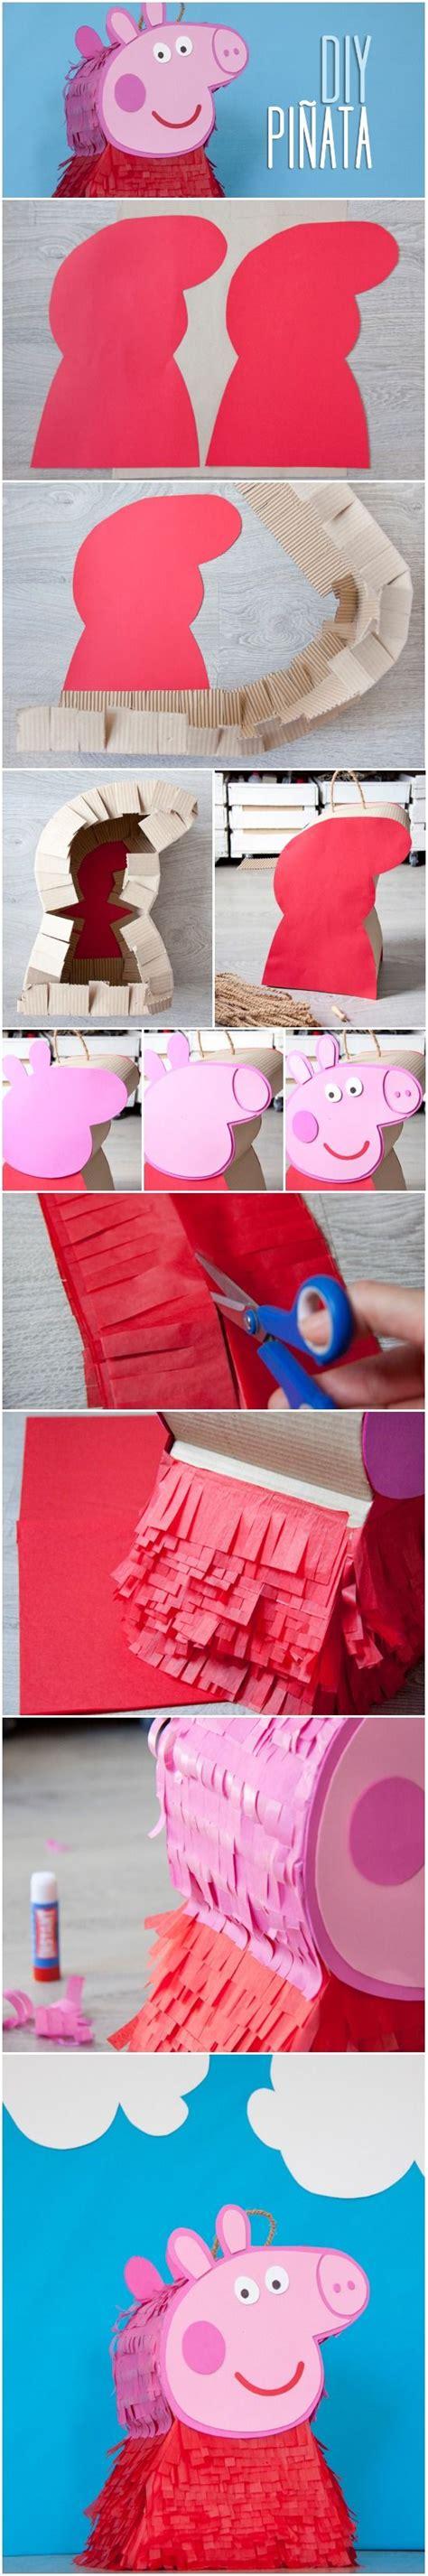 piñata diy tutorial diy c 243 mo hacer una pi 241 ata de peppa pig diy